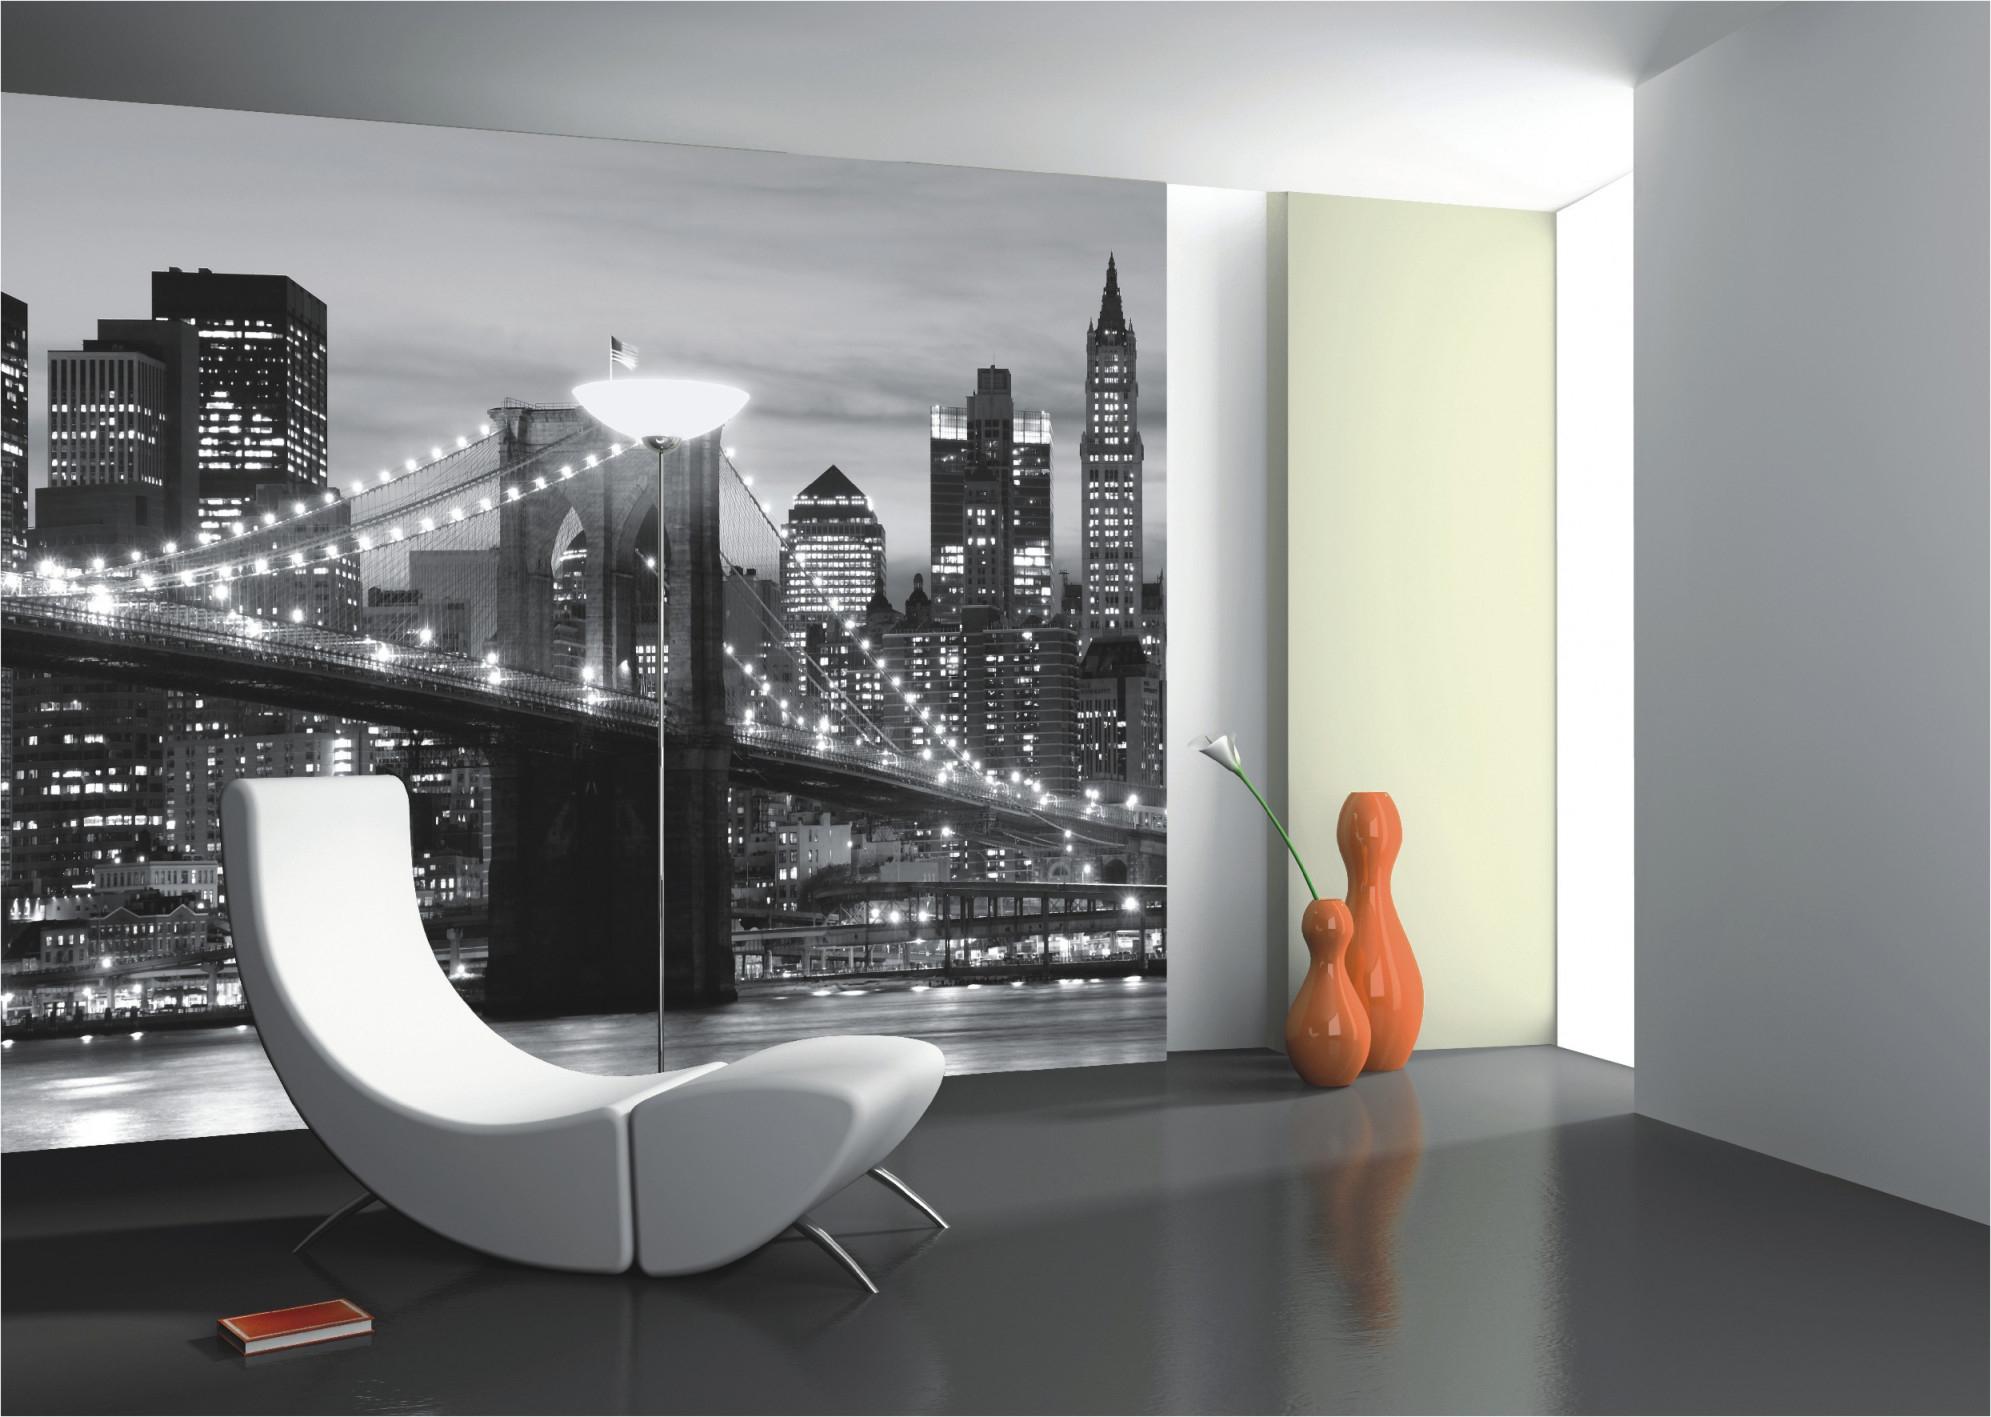 Schone Moderne Wohnzimmer Bilder – Caseconrad von Schöne Moderne Wohnzimmer Bild